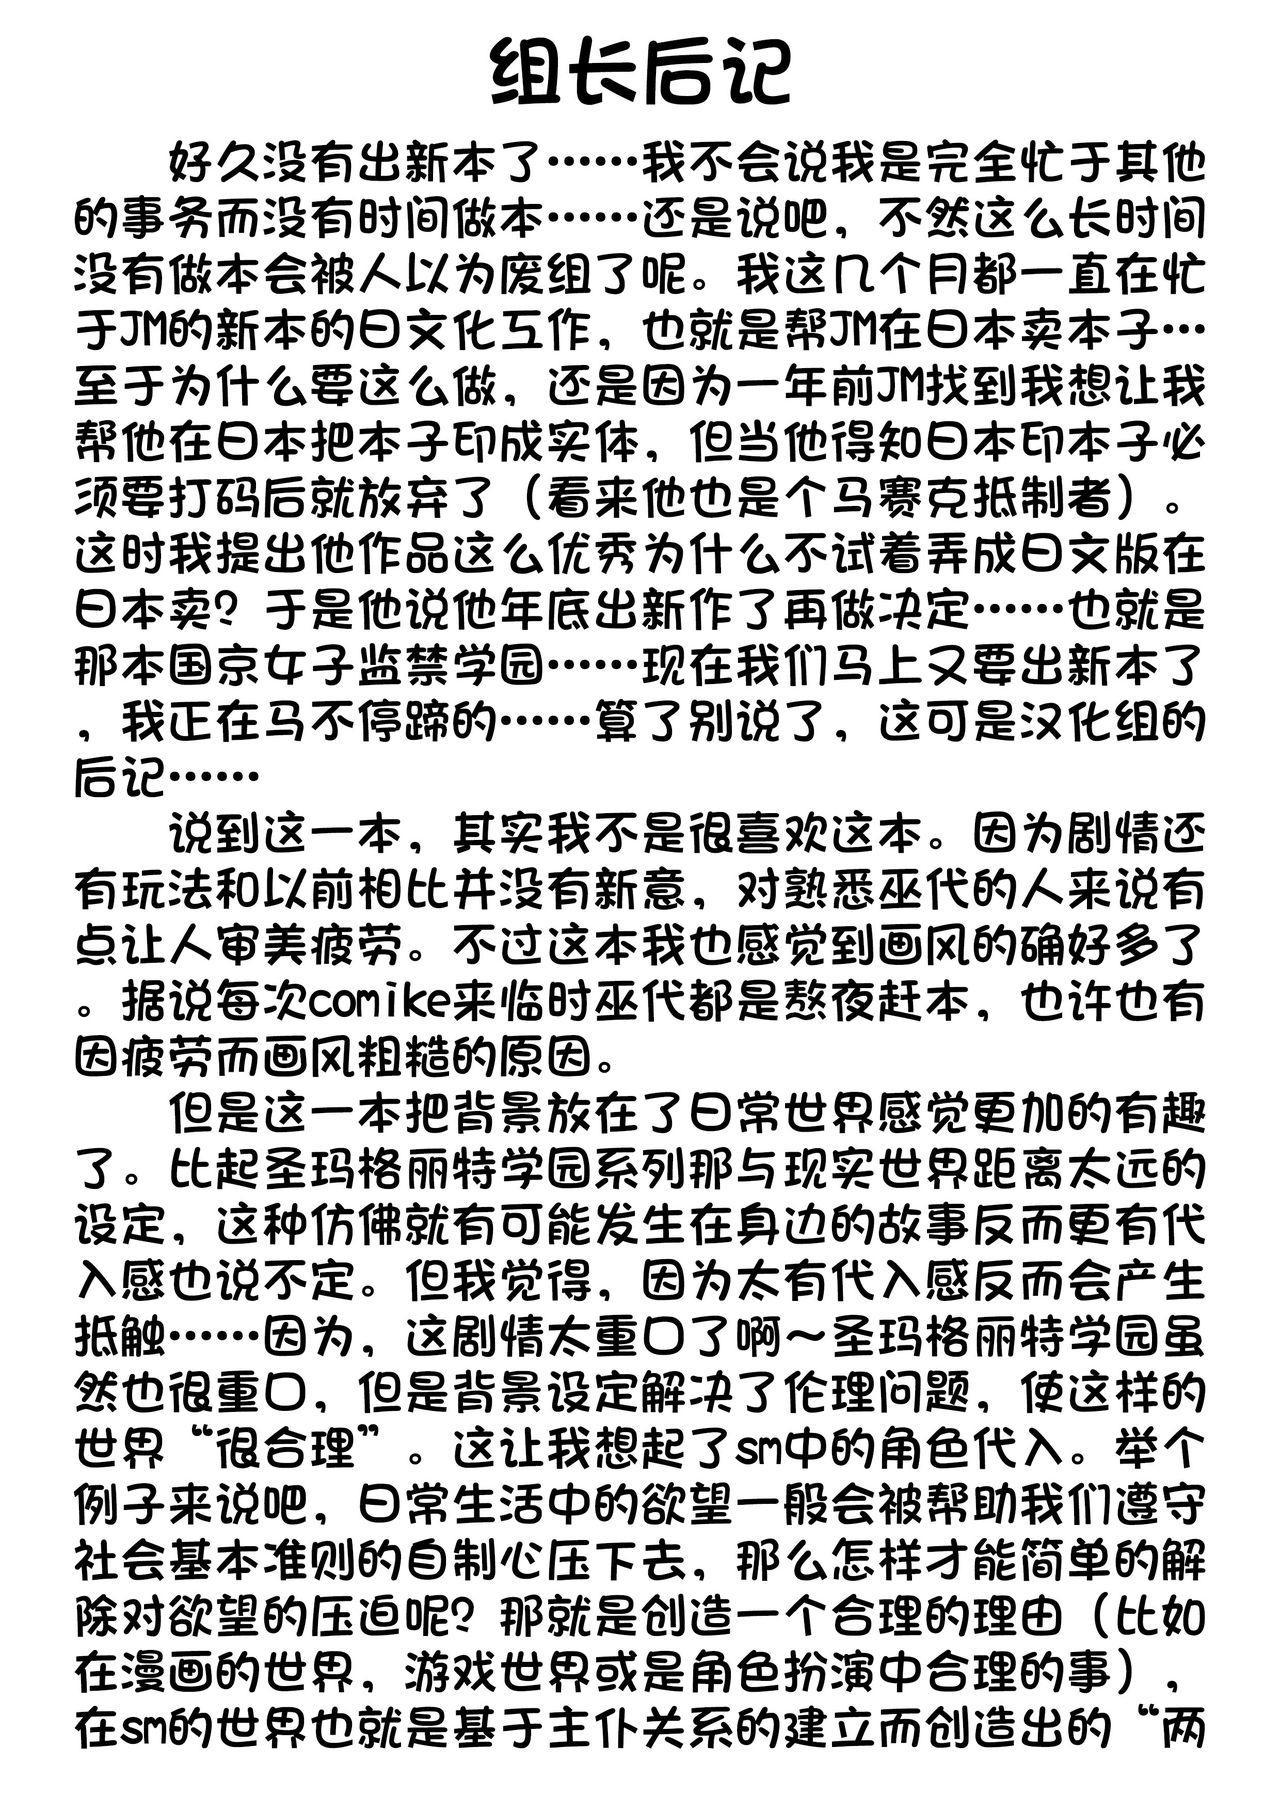 Musukohe no Dokichiku Gedou Ijime Womigawari ni Ukeire, Kyouseizenra Choukyouseikatsuwo 42